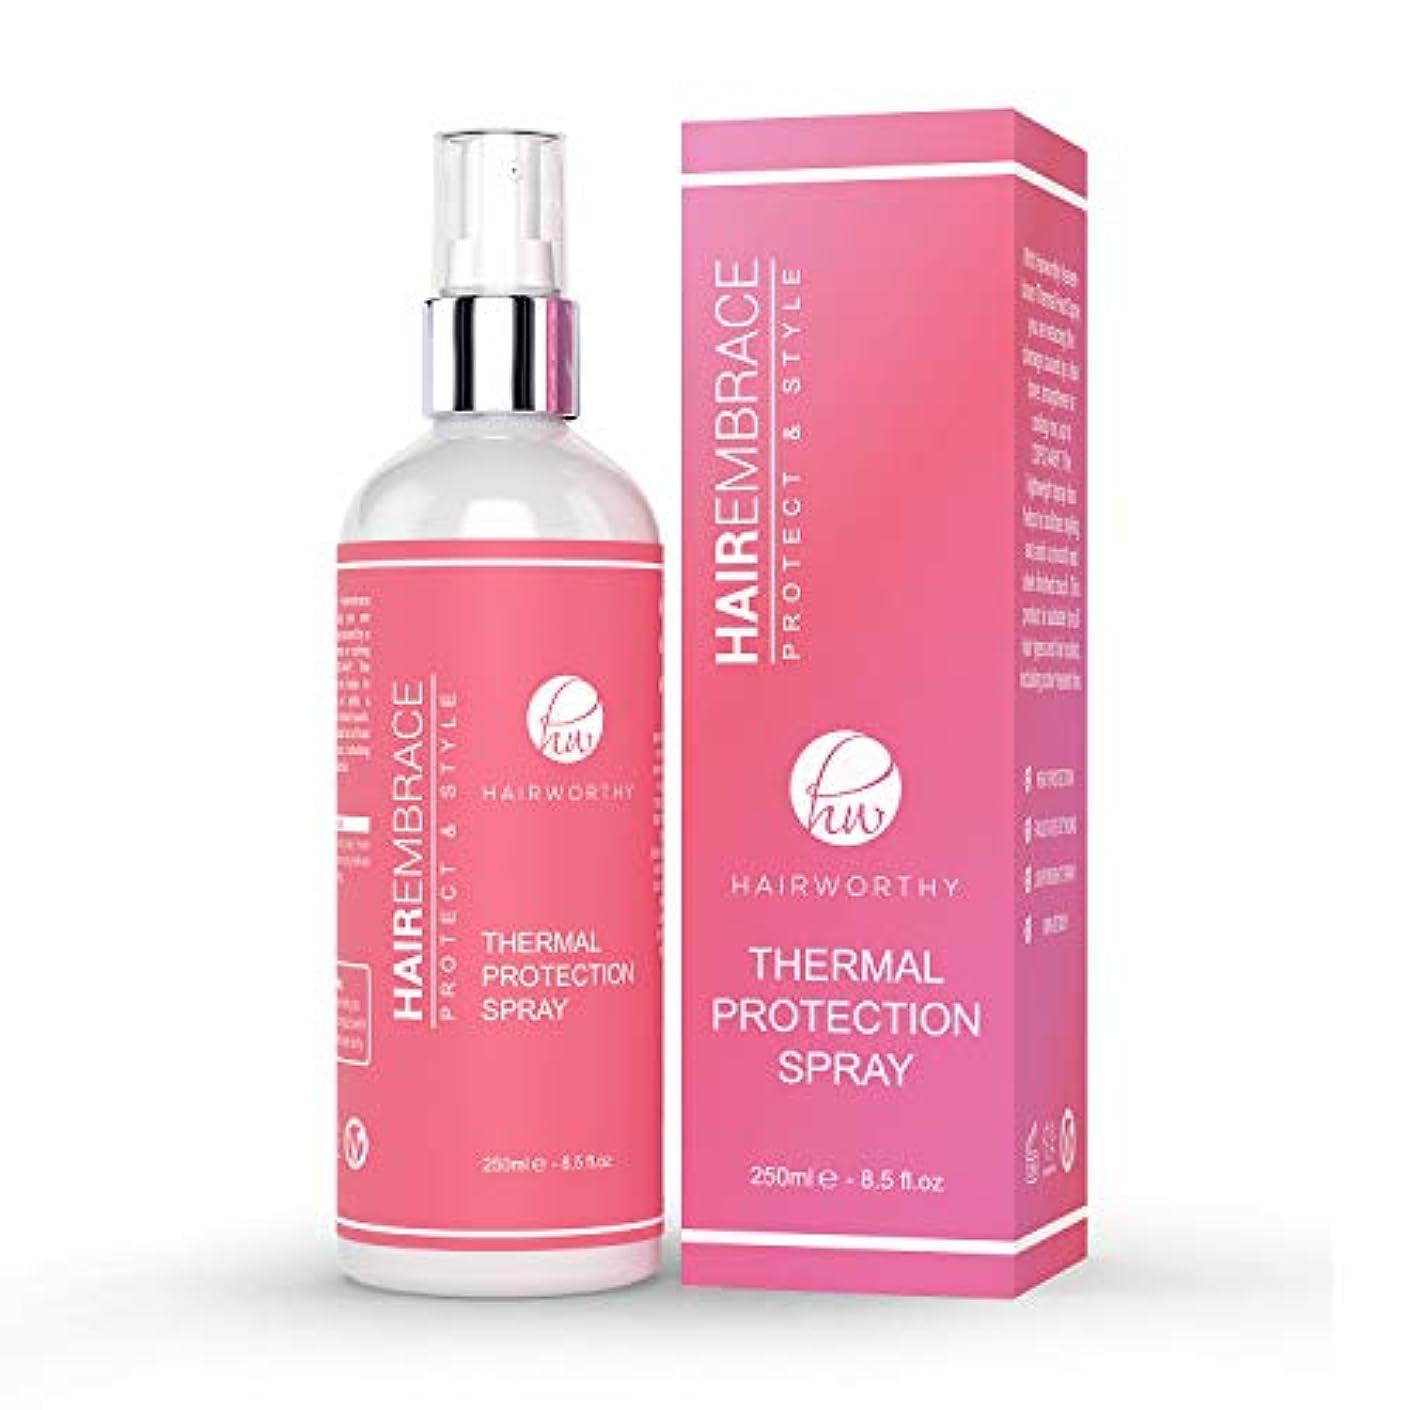 区別お手伝いさん等価Hairworthy Hairembrace Heat Protection Spray 熱のスタイリングのための熱保護スプレー。あなたの髪、アンチ縮れ、プロテクト & スタイルに輝きを復元します。